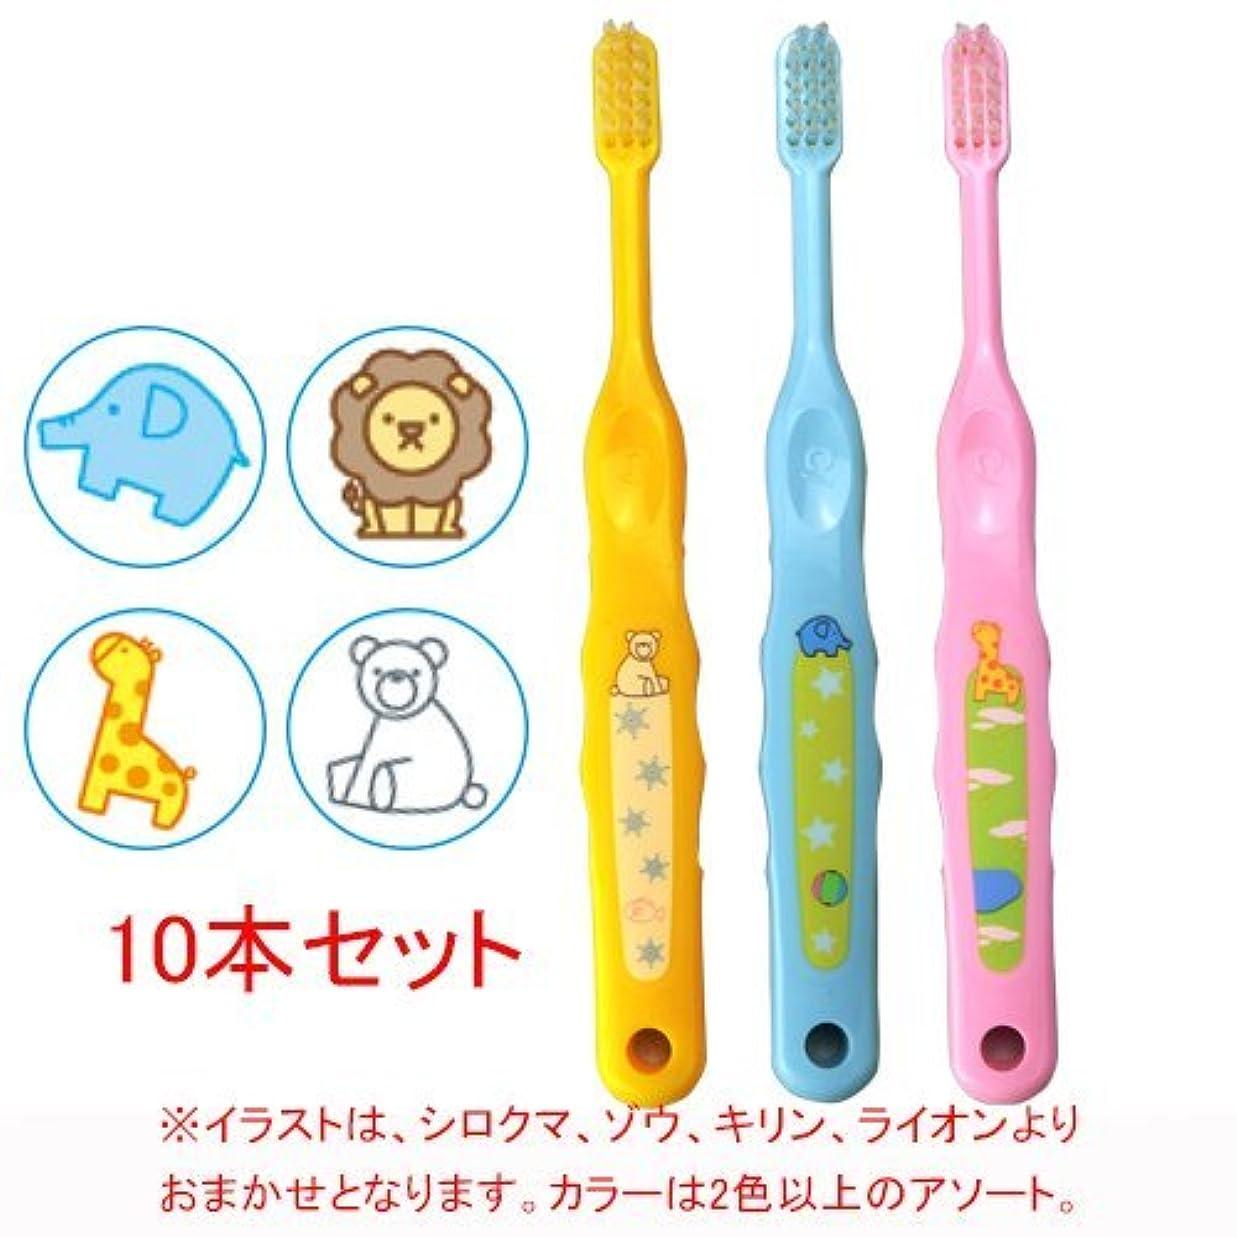 パドル一時的流Ciメディカル Ci なまえ歯ブラシ 502 (ふつう) (乳児~小学生向)10本